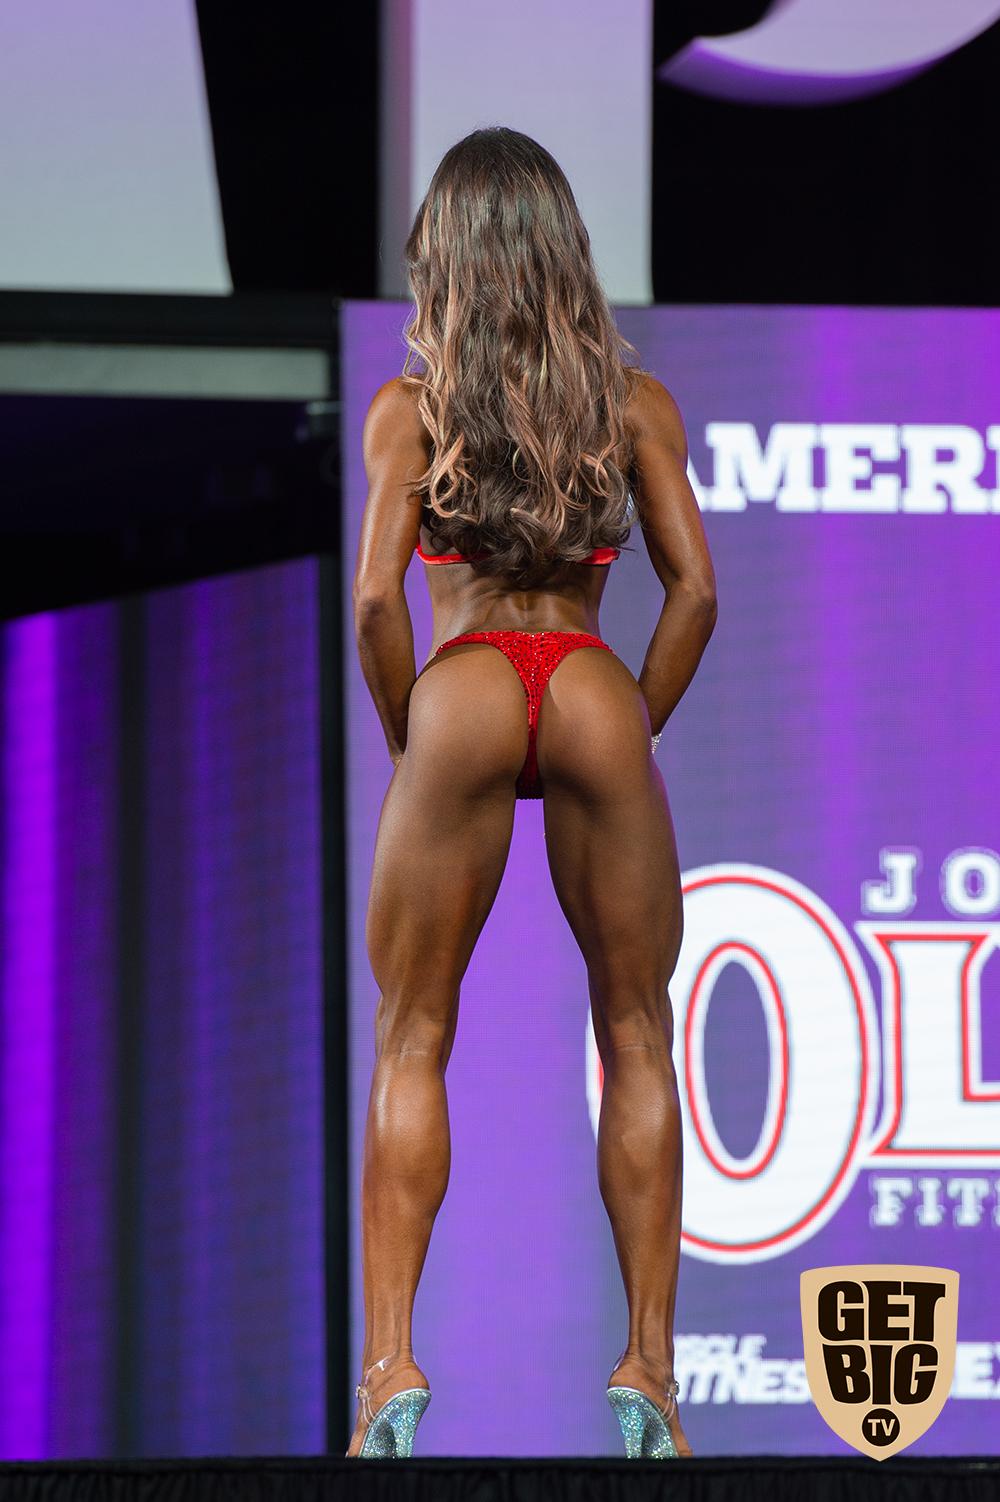 Elisa Pecini / Brazil - 4 место «Bikini Olympia»-2018